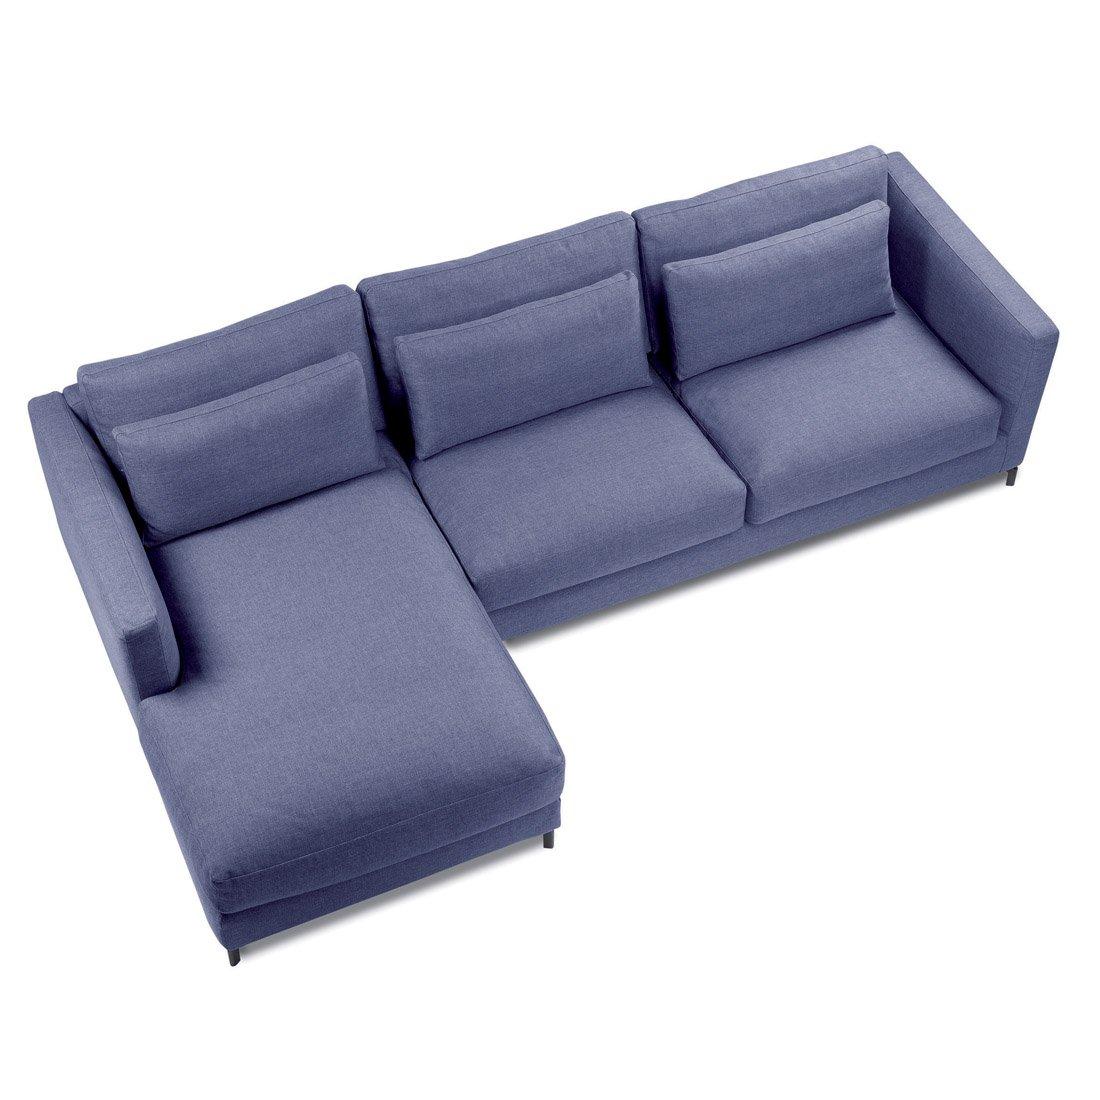 Canap d 39 angle auteuil meubles et atmosph re - Canape d angle original ...